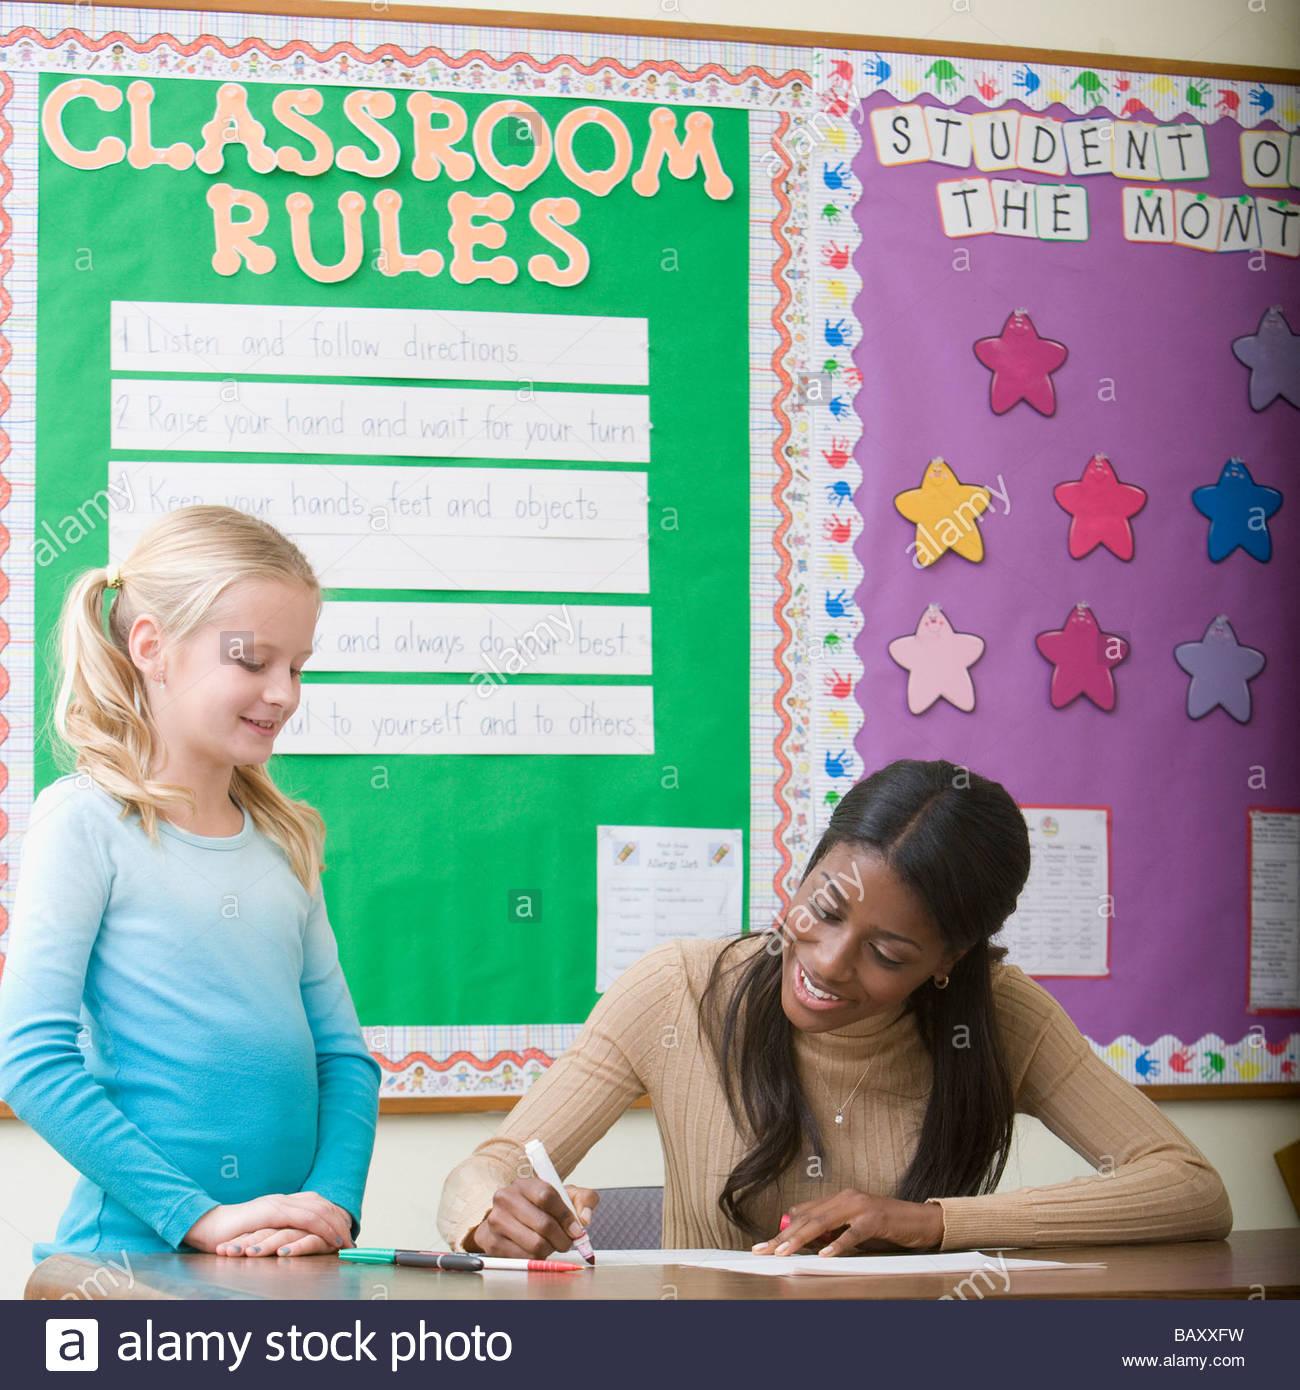 Teacher grading girl's paper in classroom - Stock Image